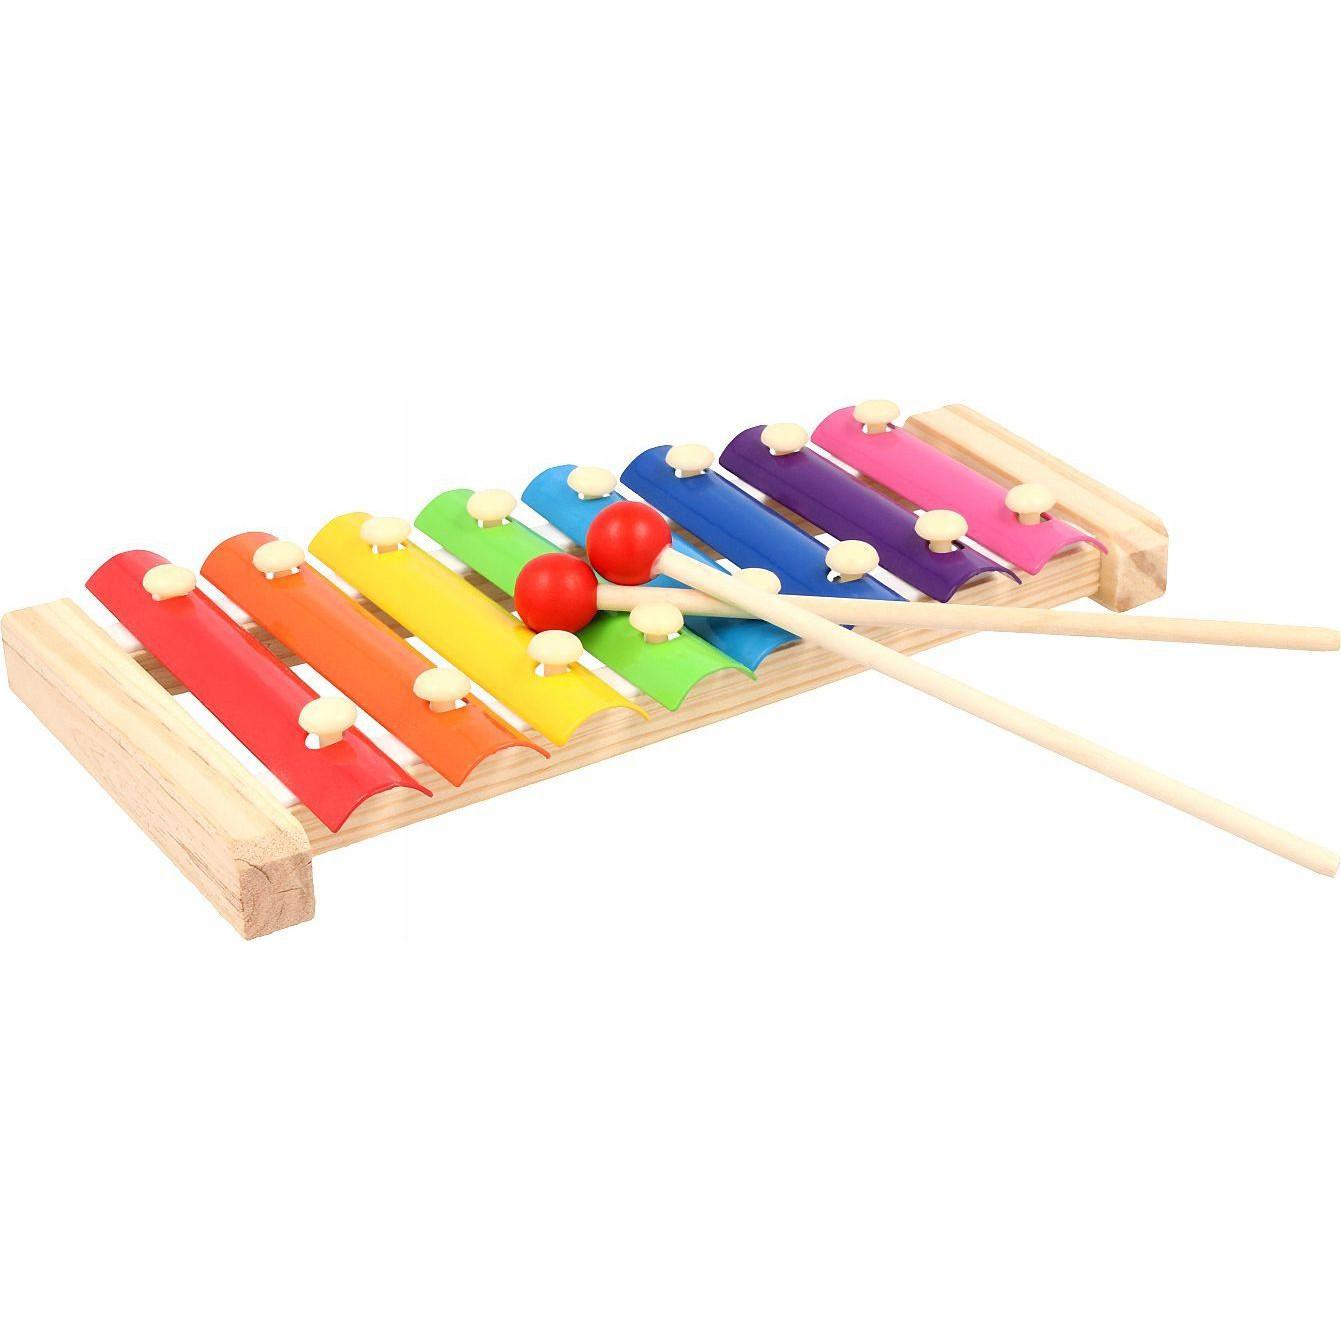 Drevený cimbal pre deti 8 tónov farebný s paličkami megamix.sk